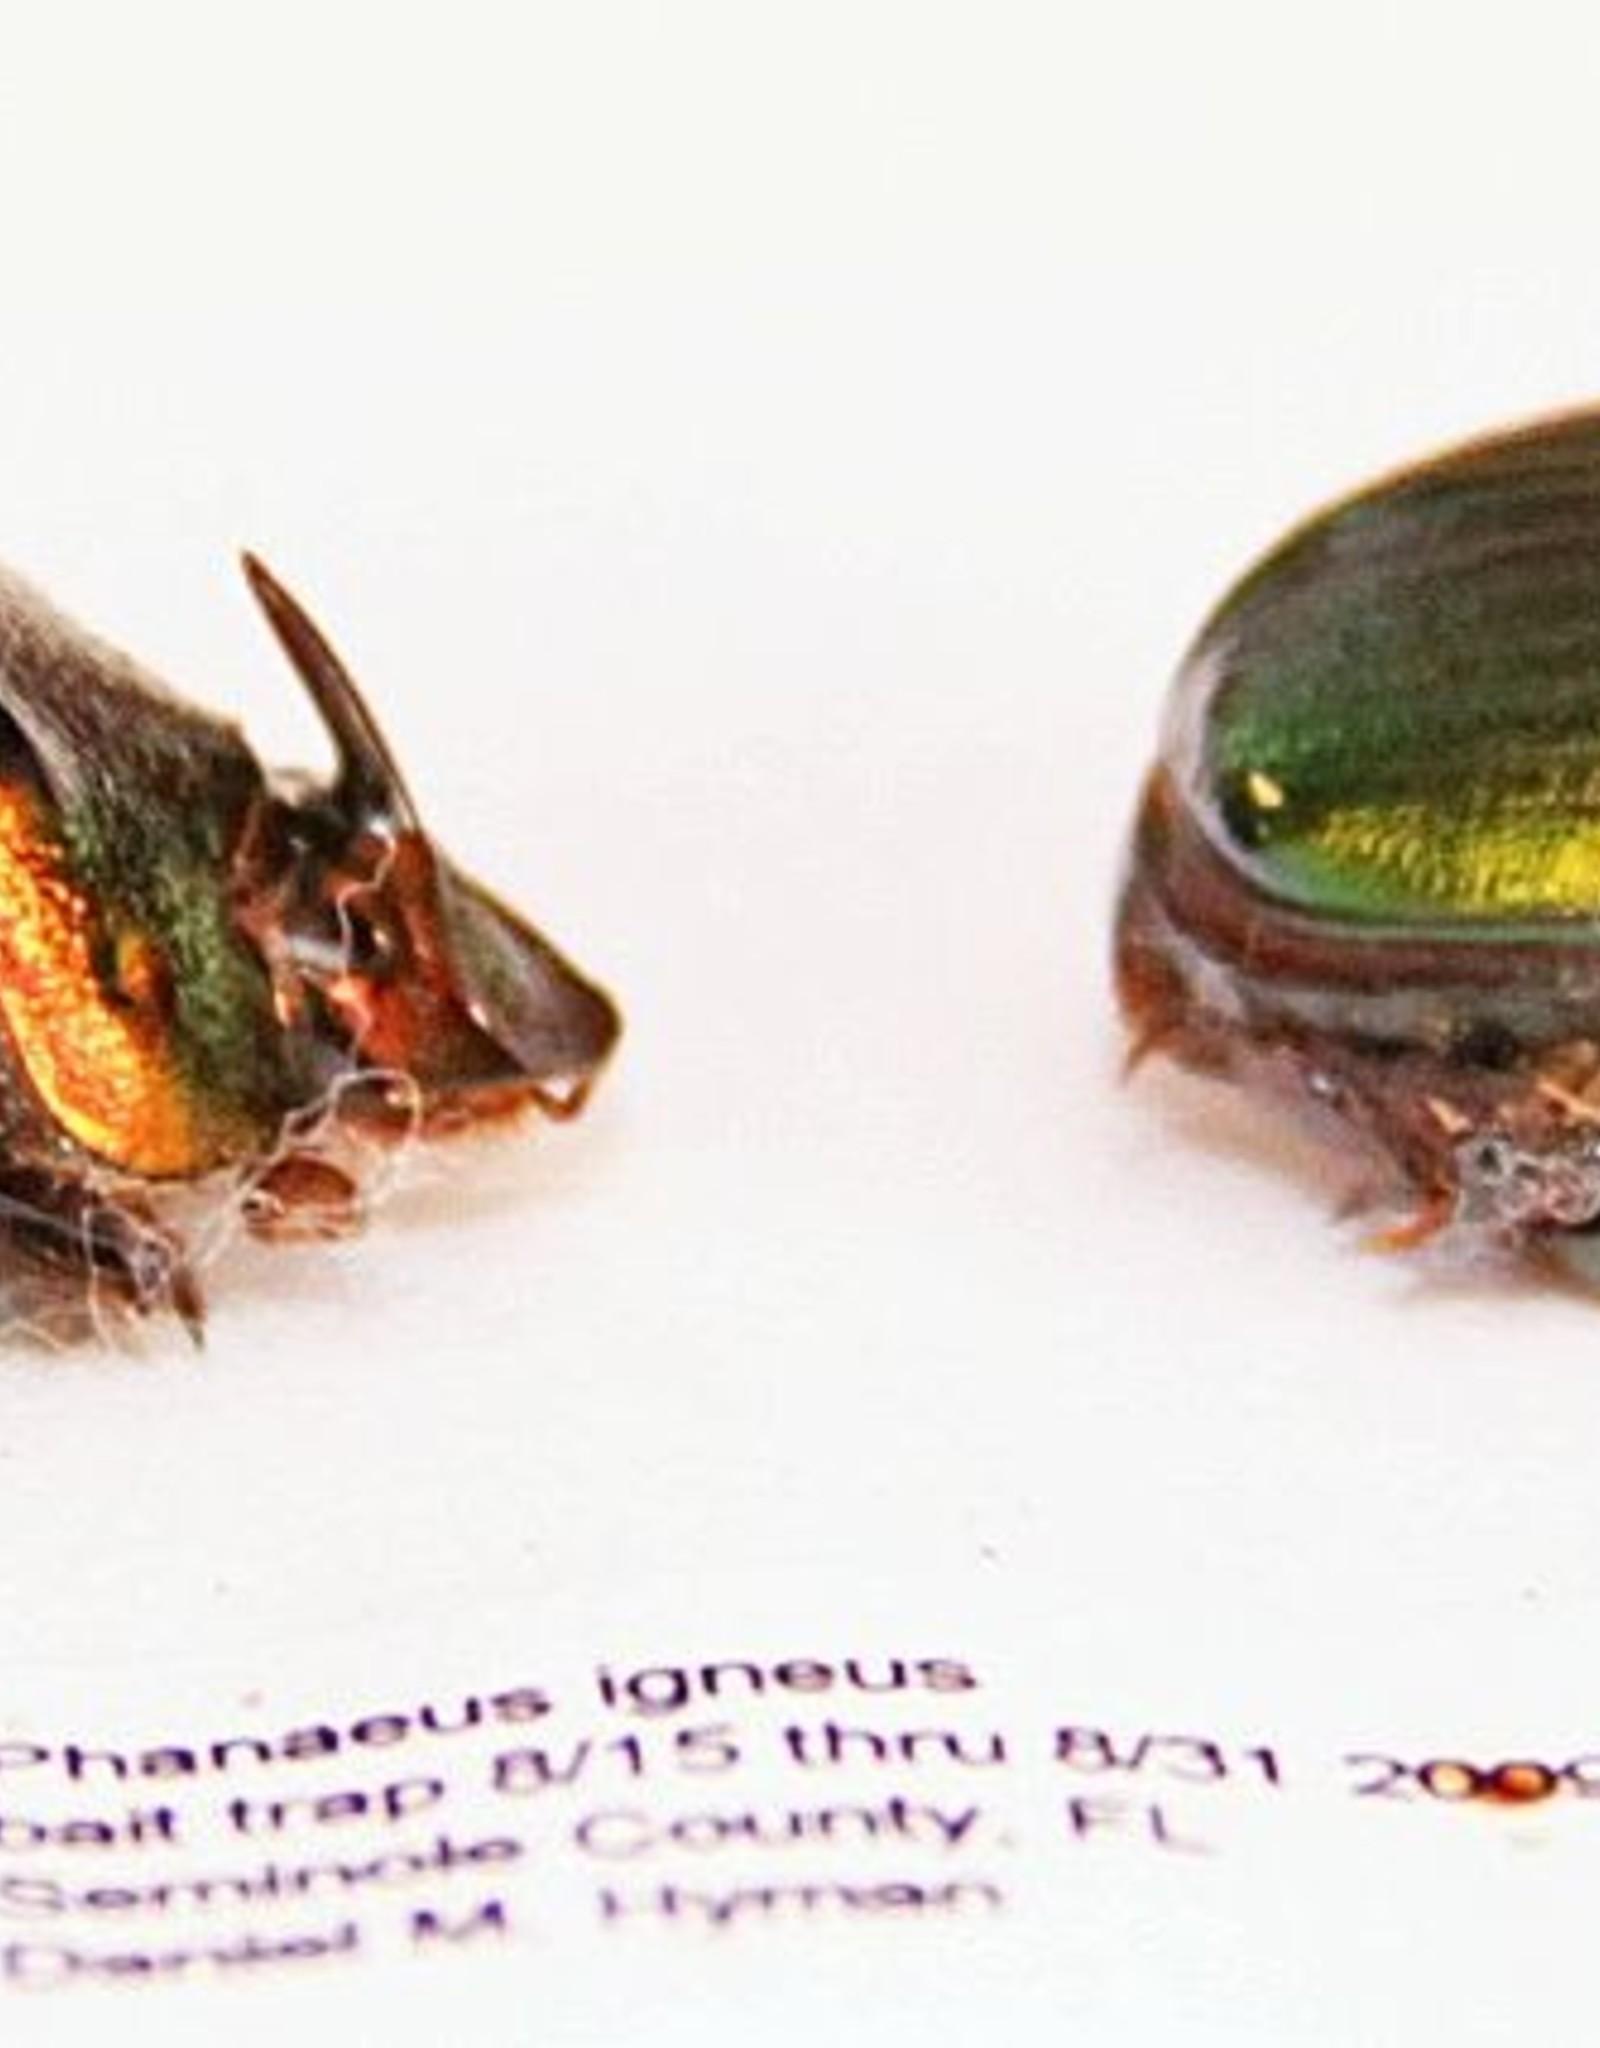 Phanaeus igneus PAIR A1 USA 1.3-1.5 cm